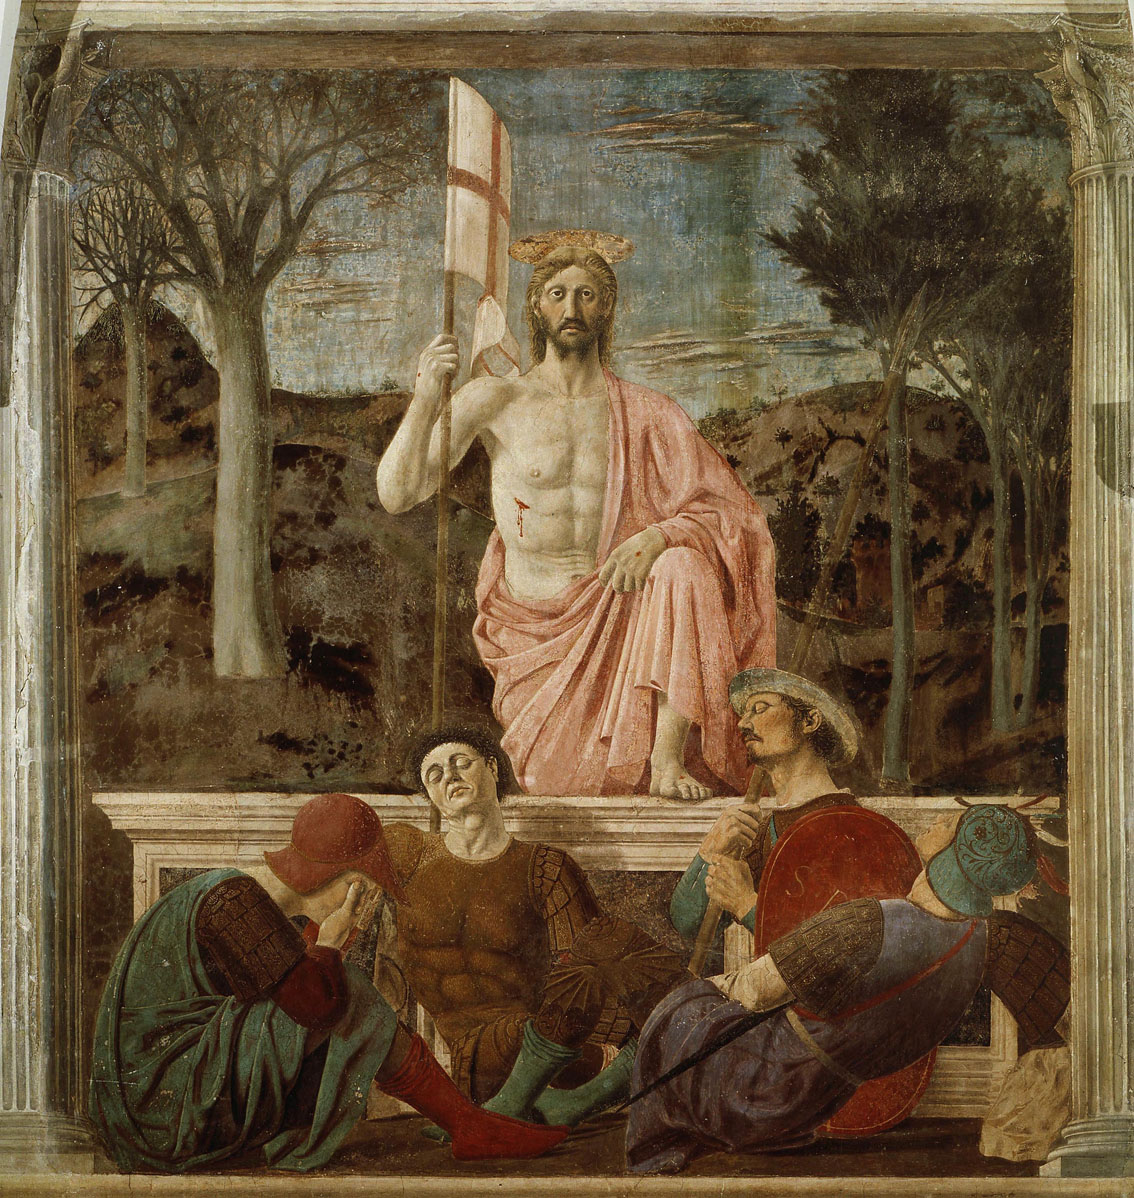 La resurrección de Cristo, 1463-65, fresco, Museo Civico Sansepolcro. El personaje del centro es un autorretrato de Piero della Francesca.